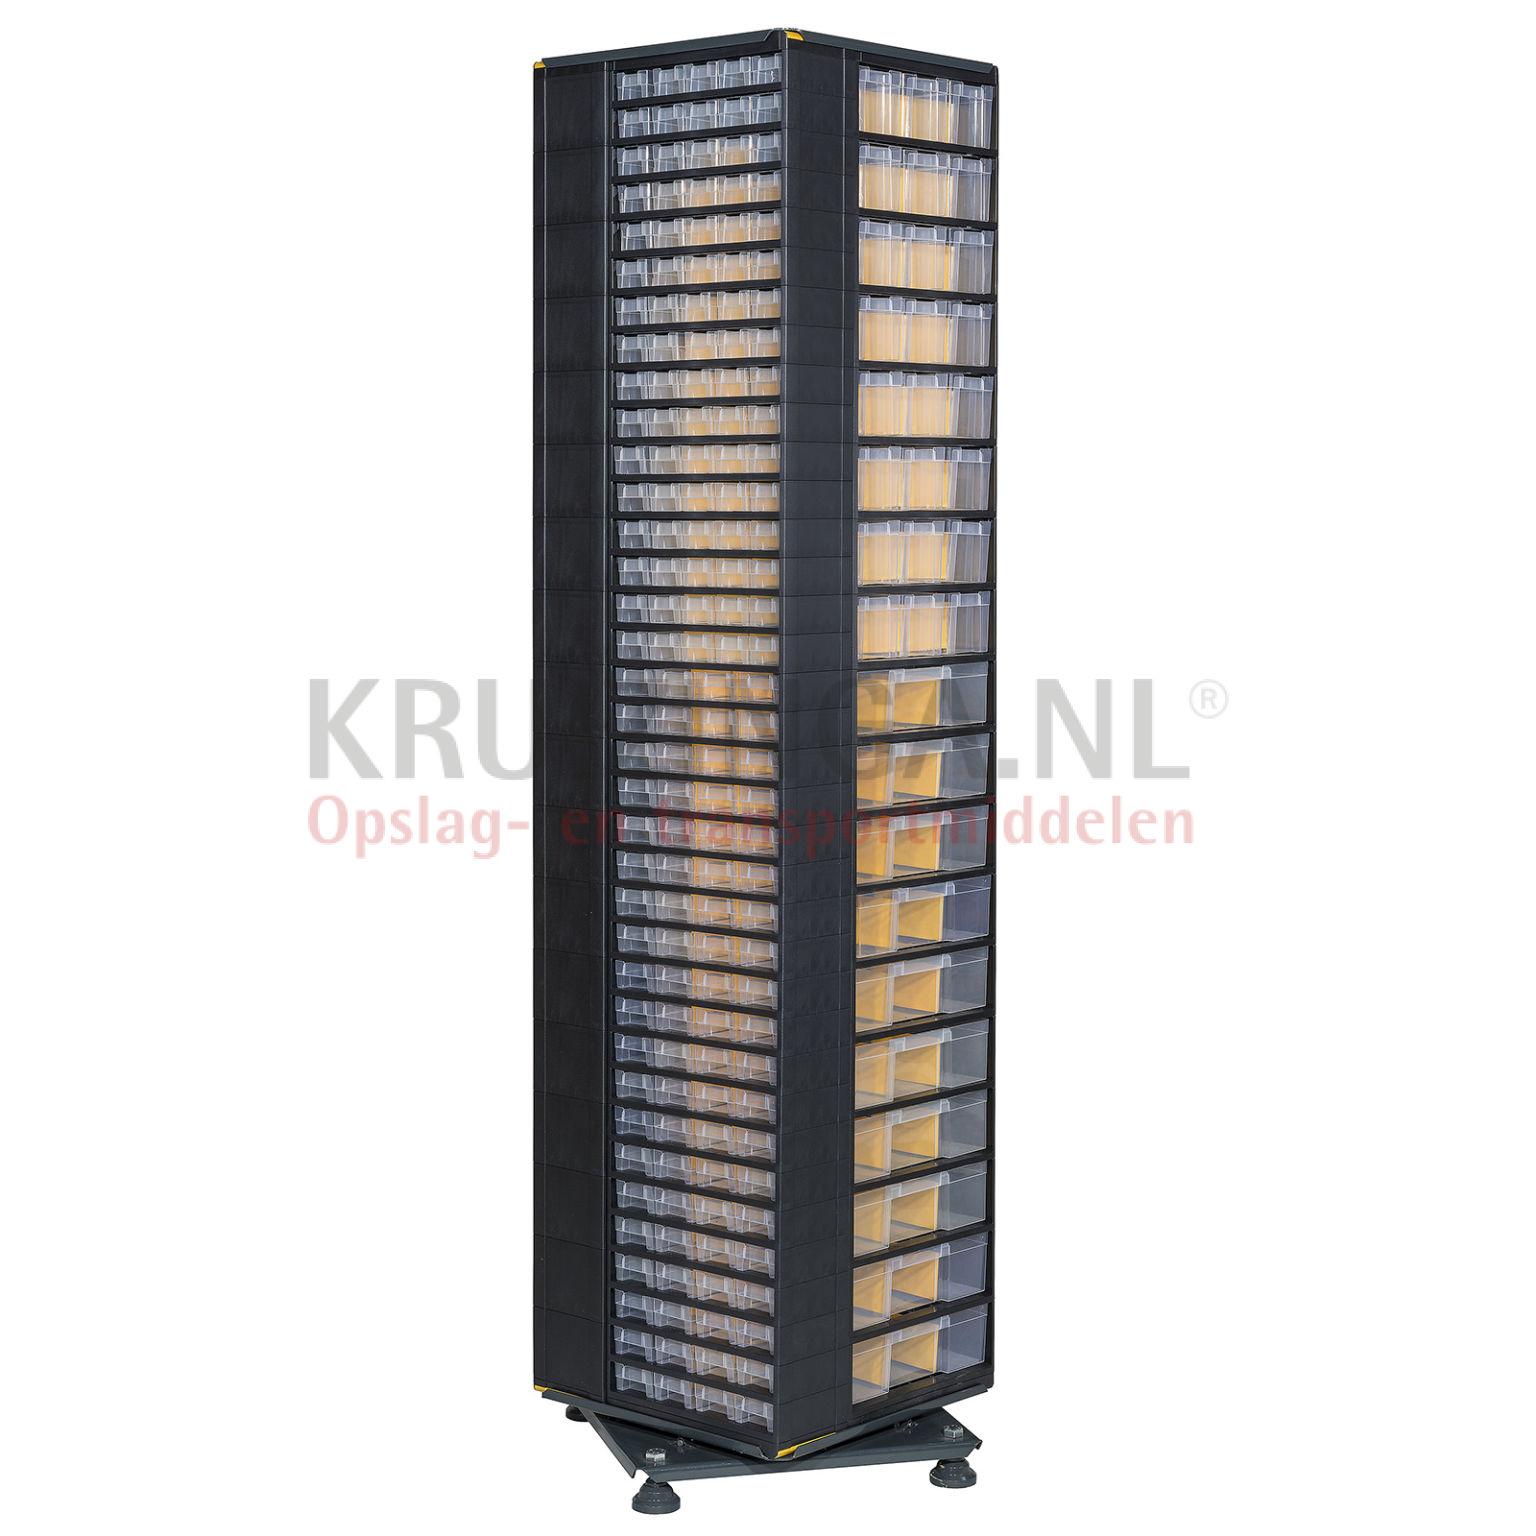 bac a bec en plastique colonne de rangement pivotante quipe de 282 tiroirs 1143 frais de. Black Bedroom Furniture Sets. Home Design Ideas